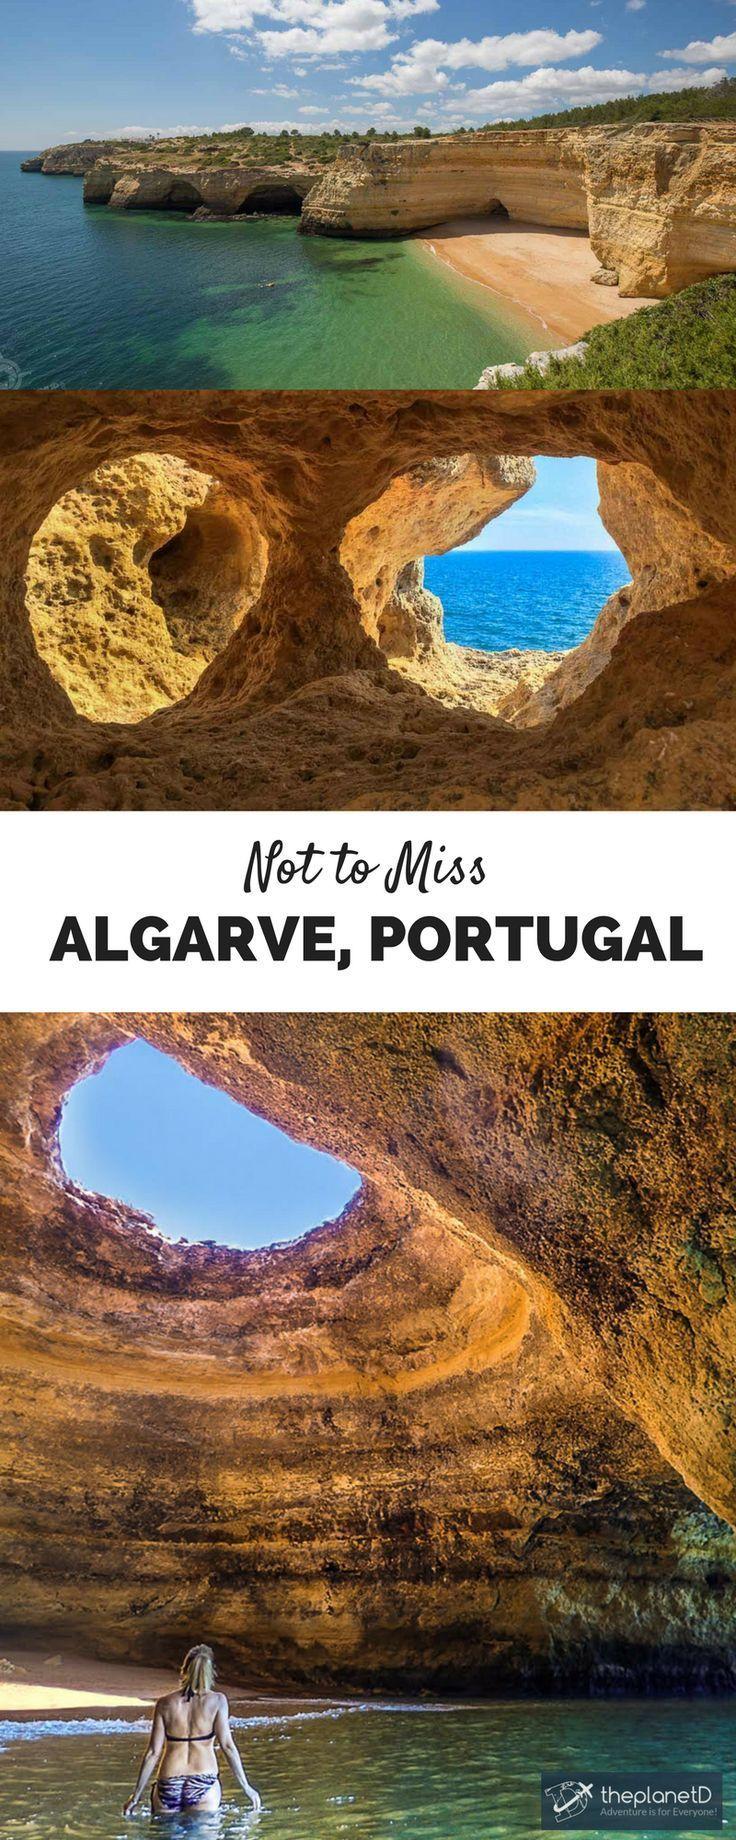 Weekend Break Algarve – So nutzen Sie die 3 Tage der Algarve und ihre